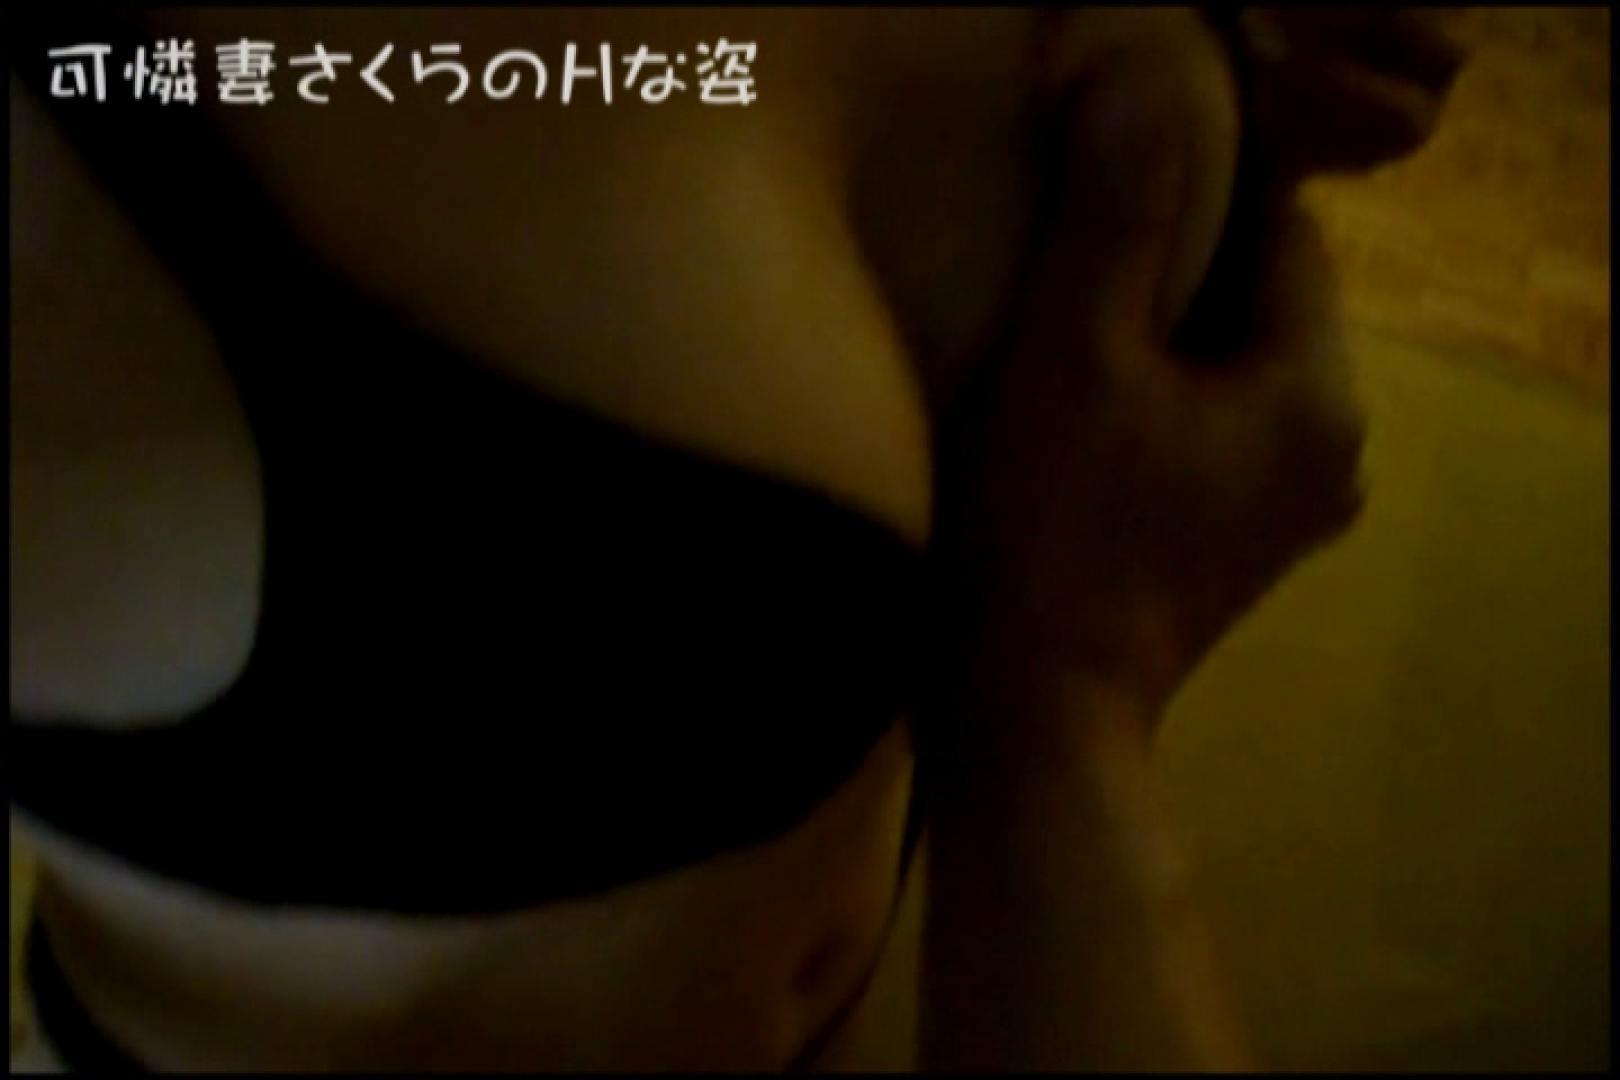 可憐妻さくらのHな姿vol.9前編 ギャル達のセックス | OL裸体  64画像 5